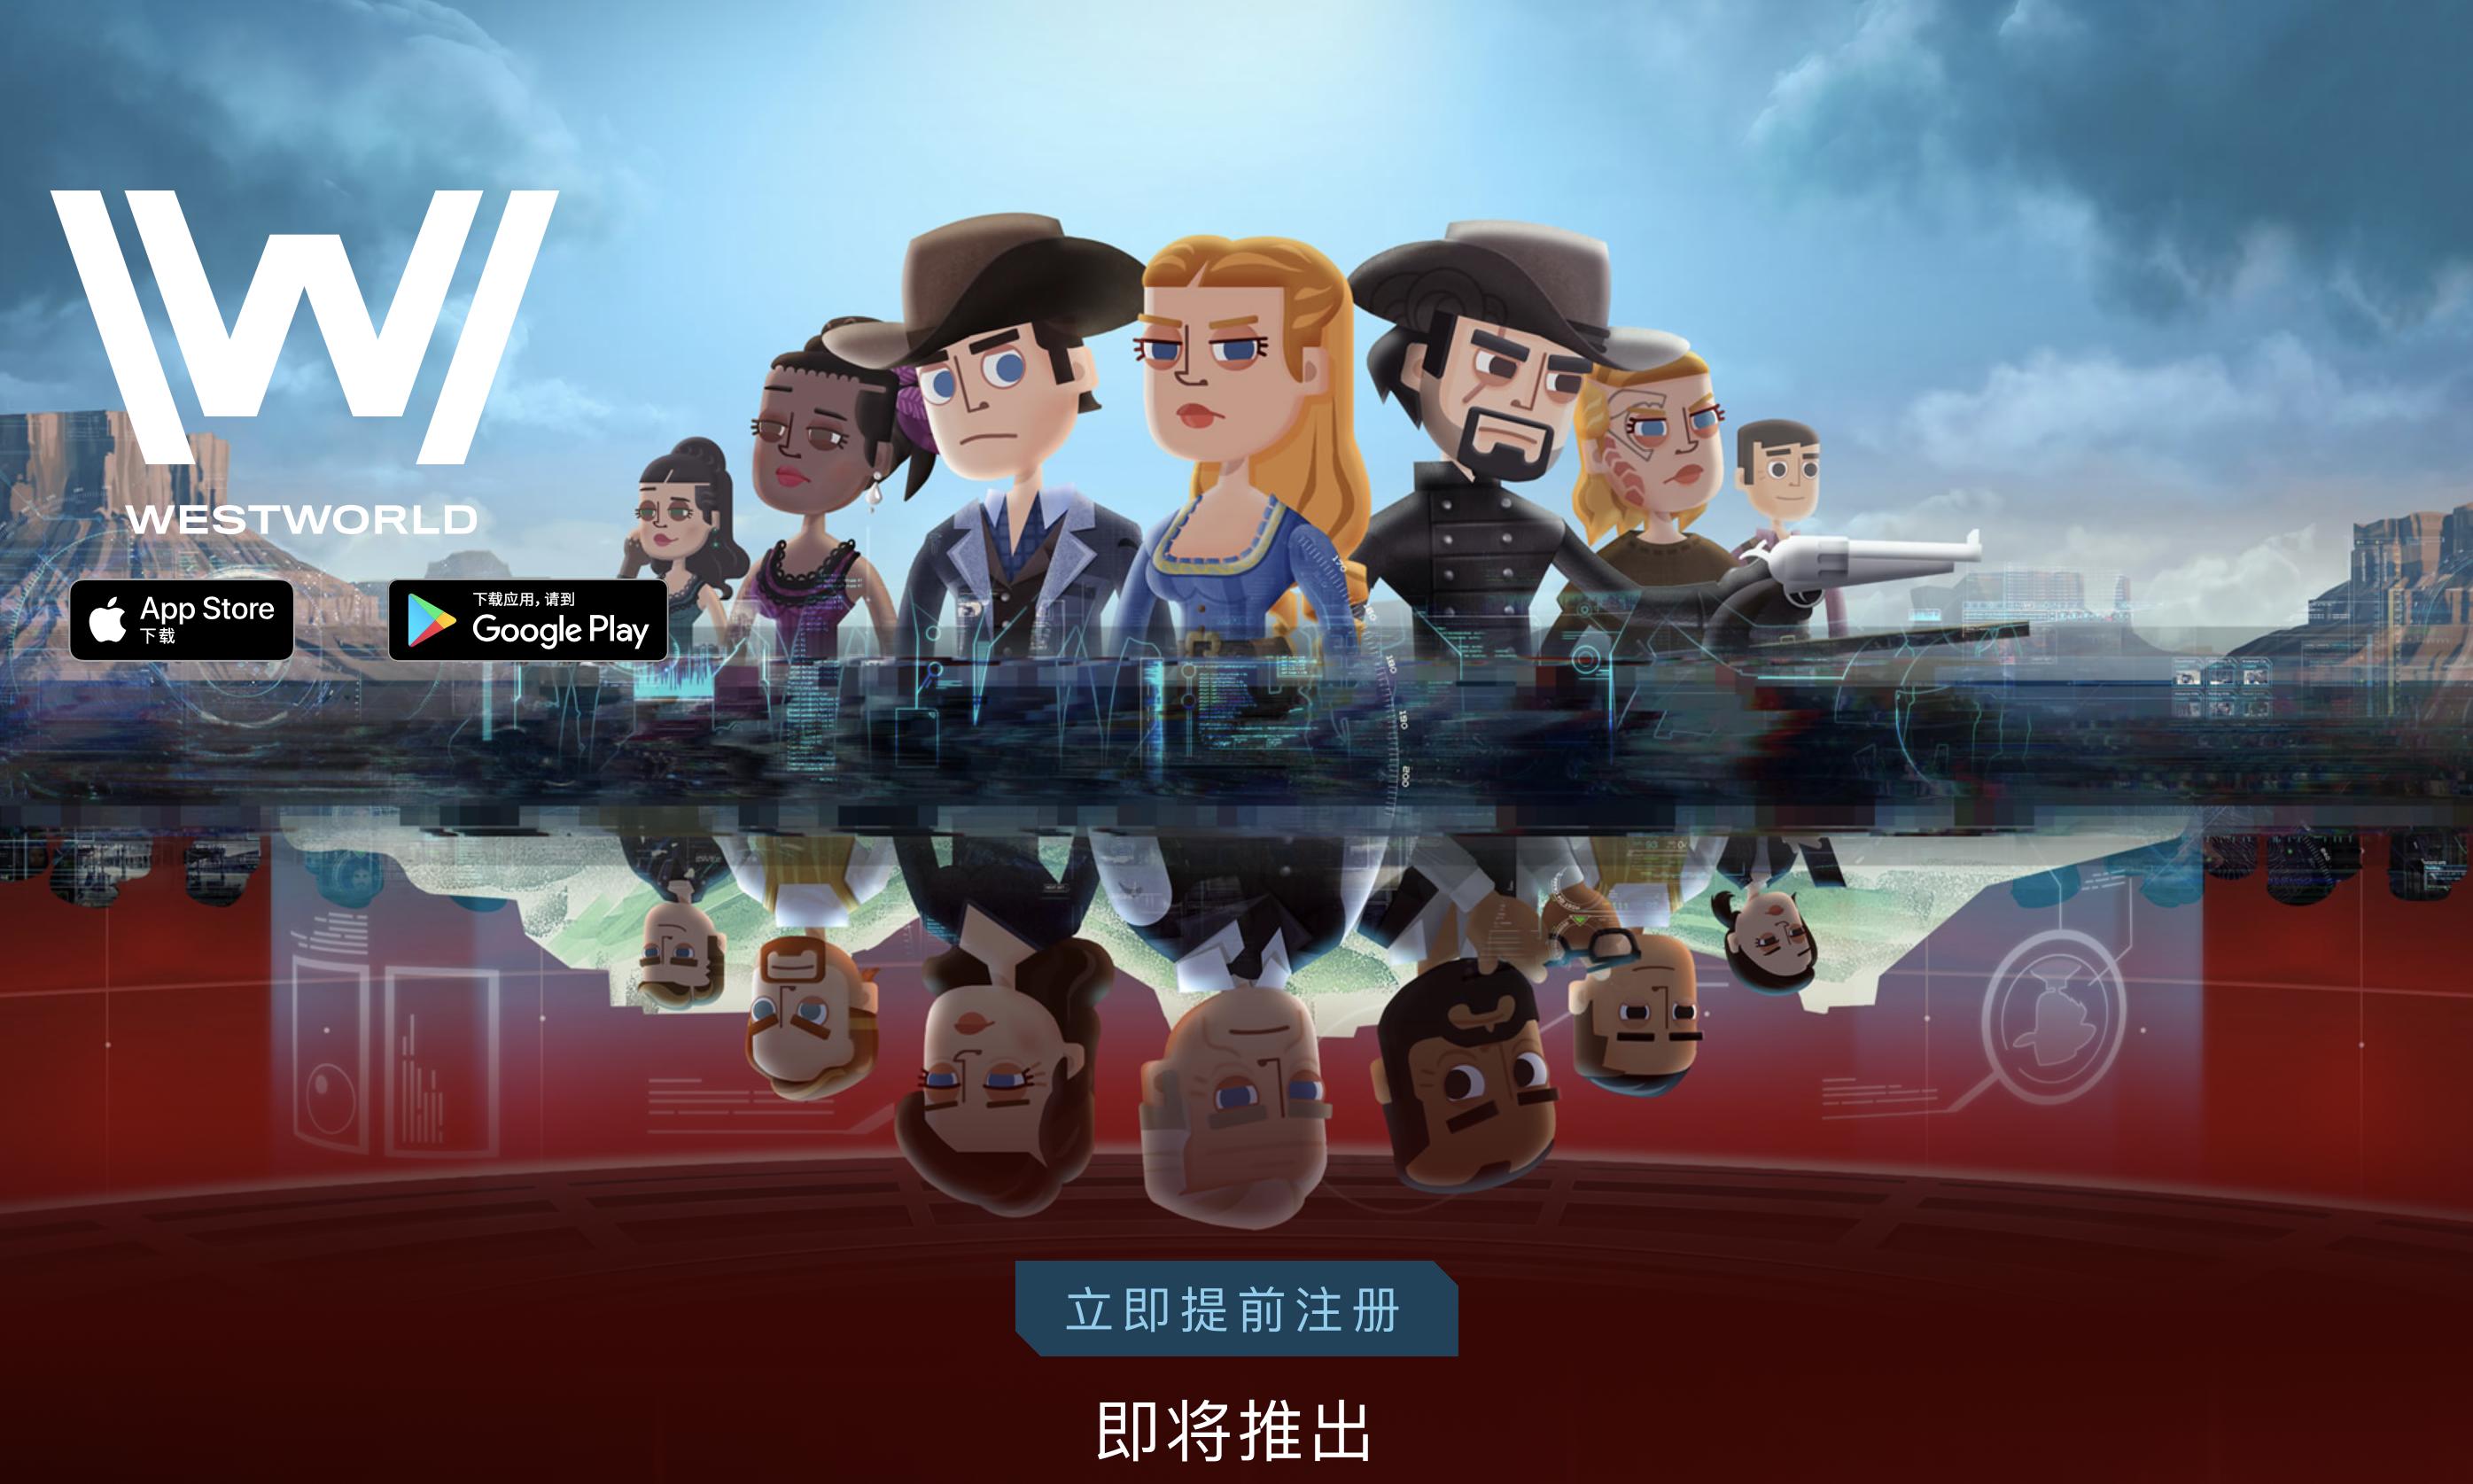 《西部世界》要推出手游了!6 月 21 日登陆 iOS/安卓平台